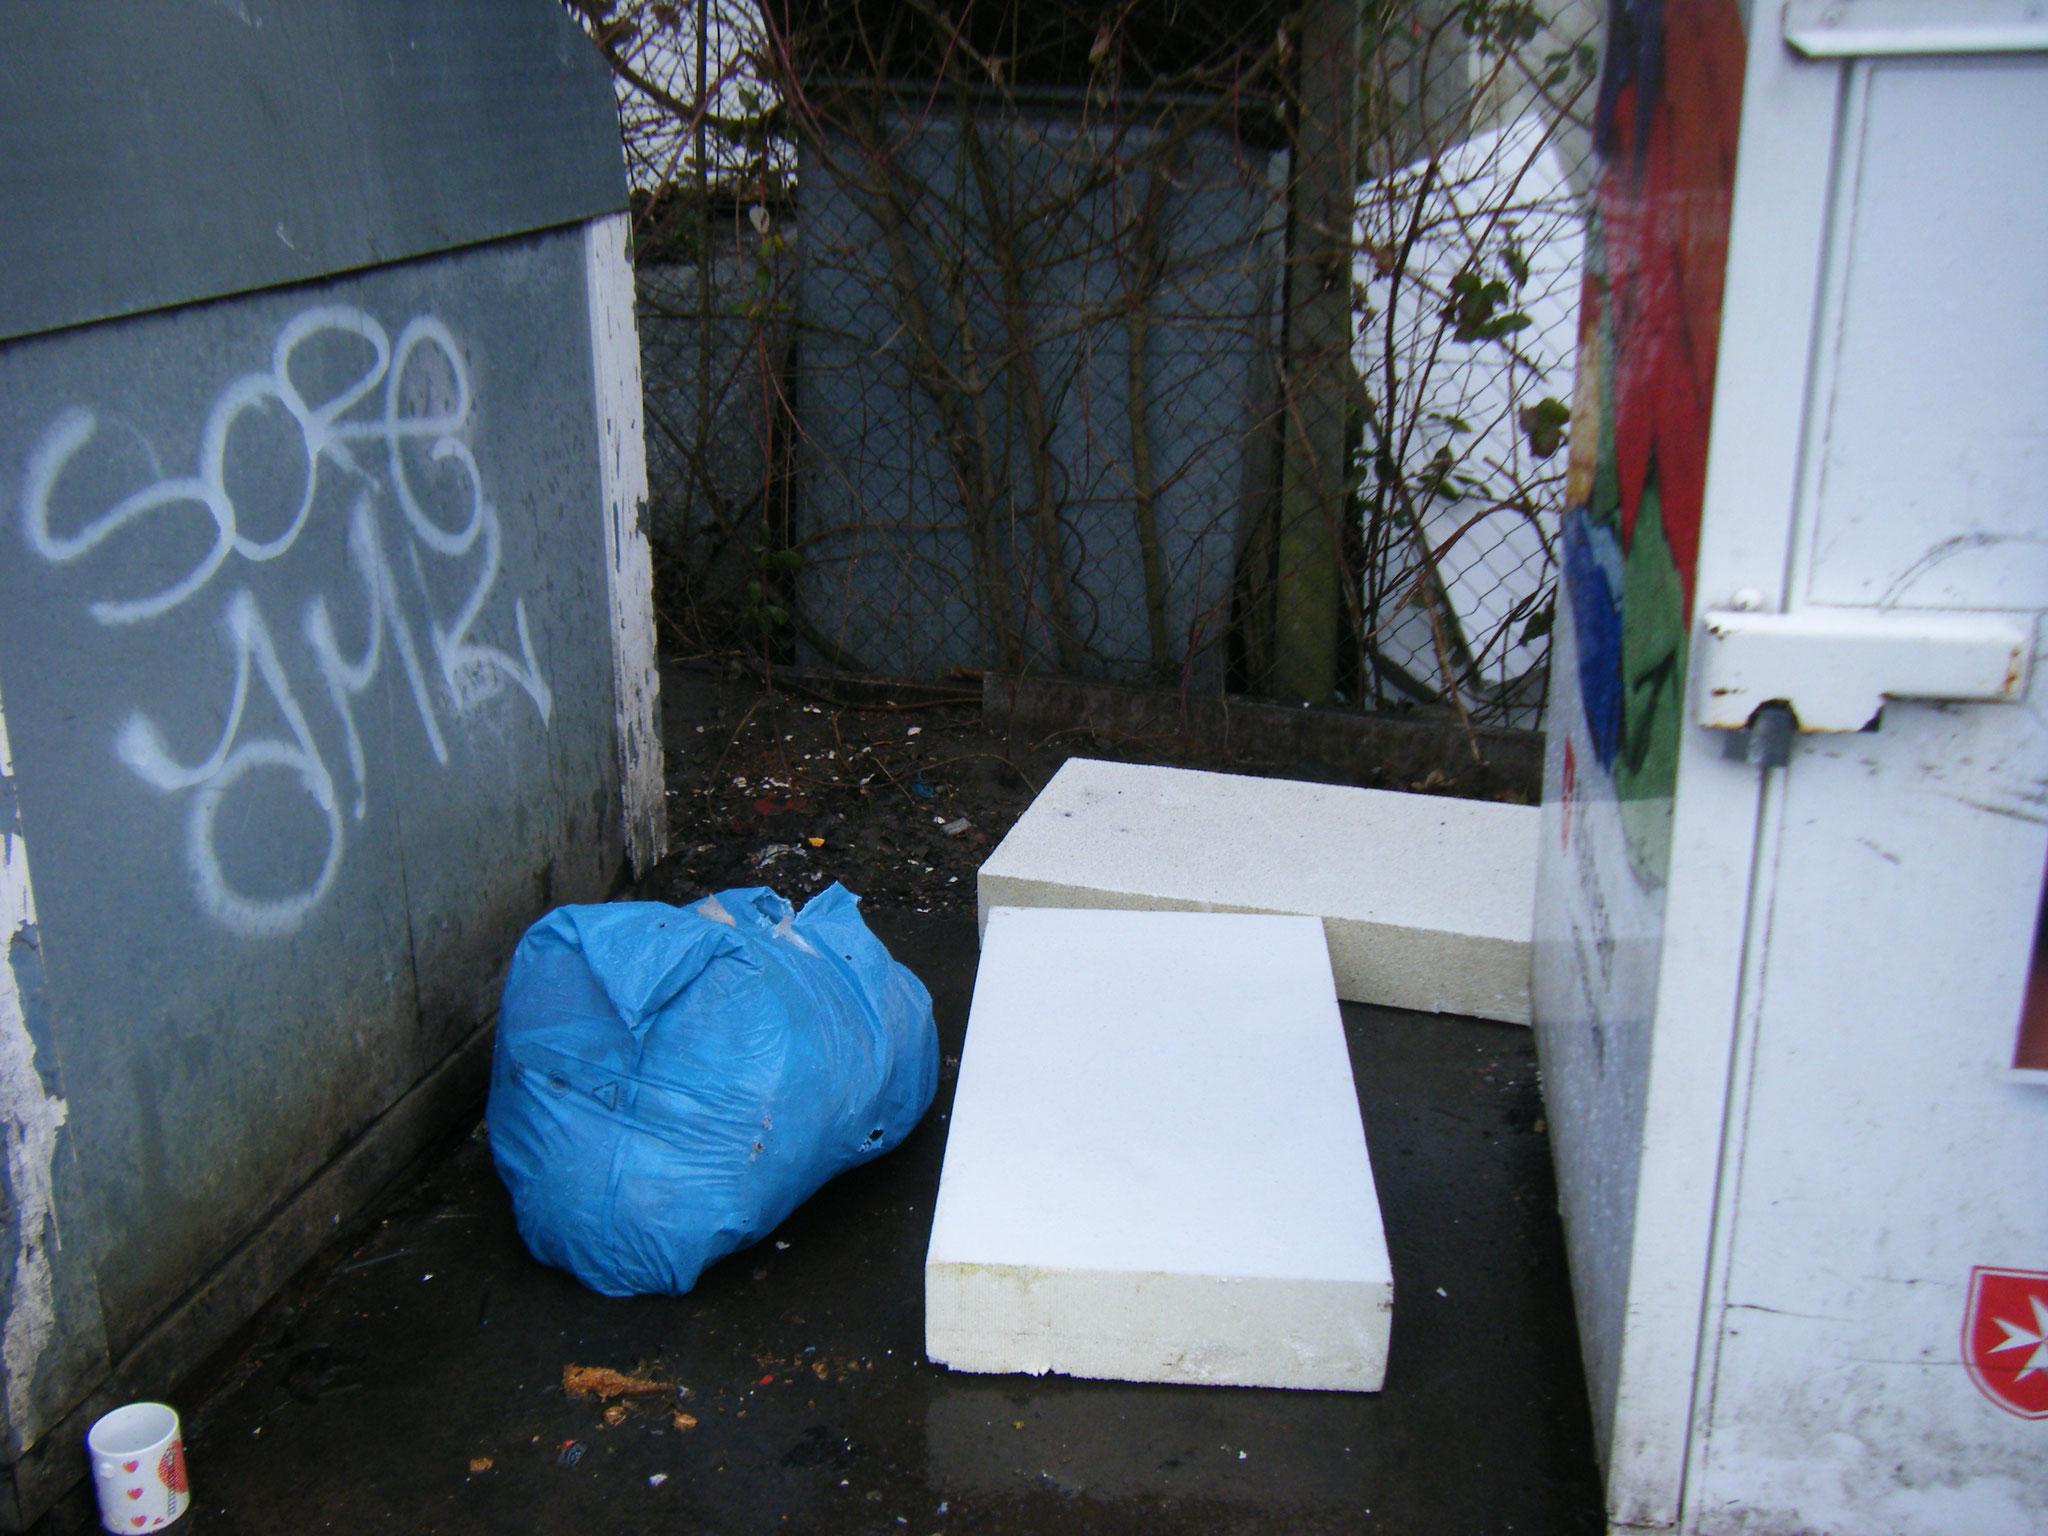 umherfliegende Styroporteile landen in Nischen neben aufgerissenen Müllsäcken